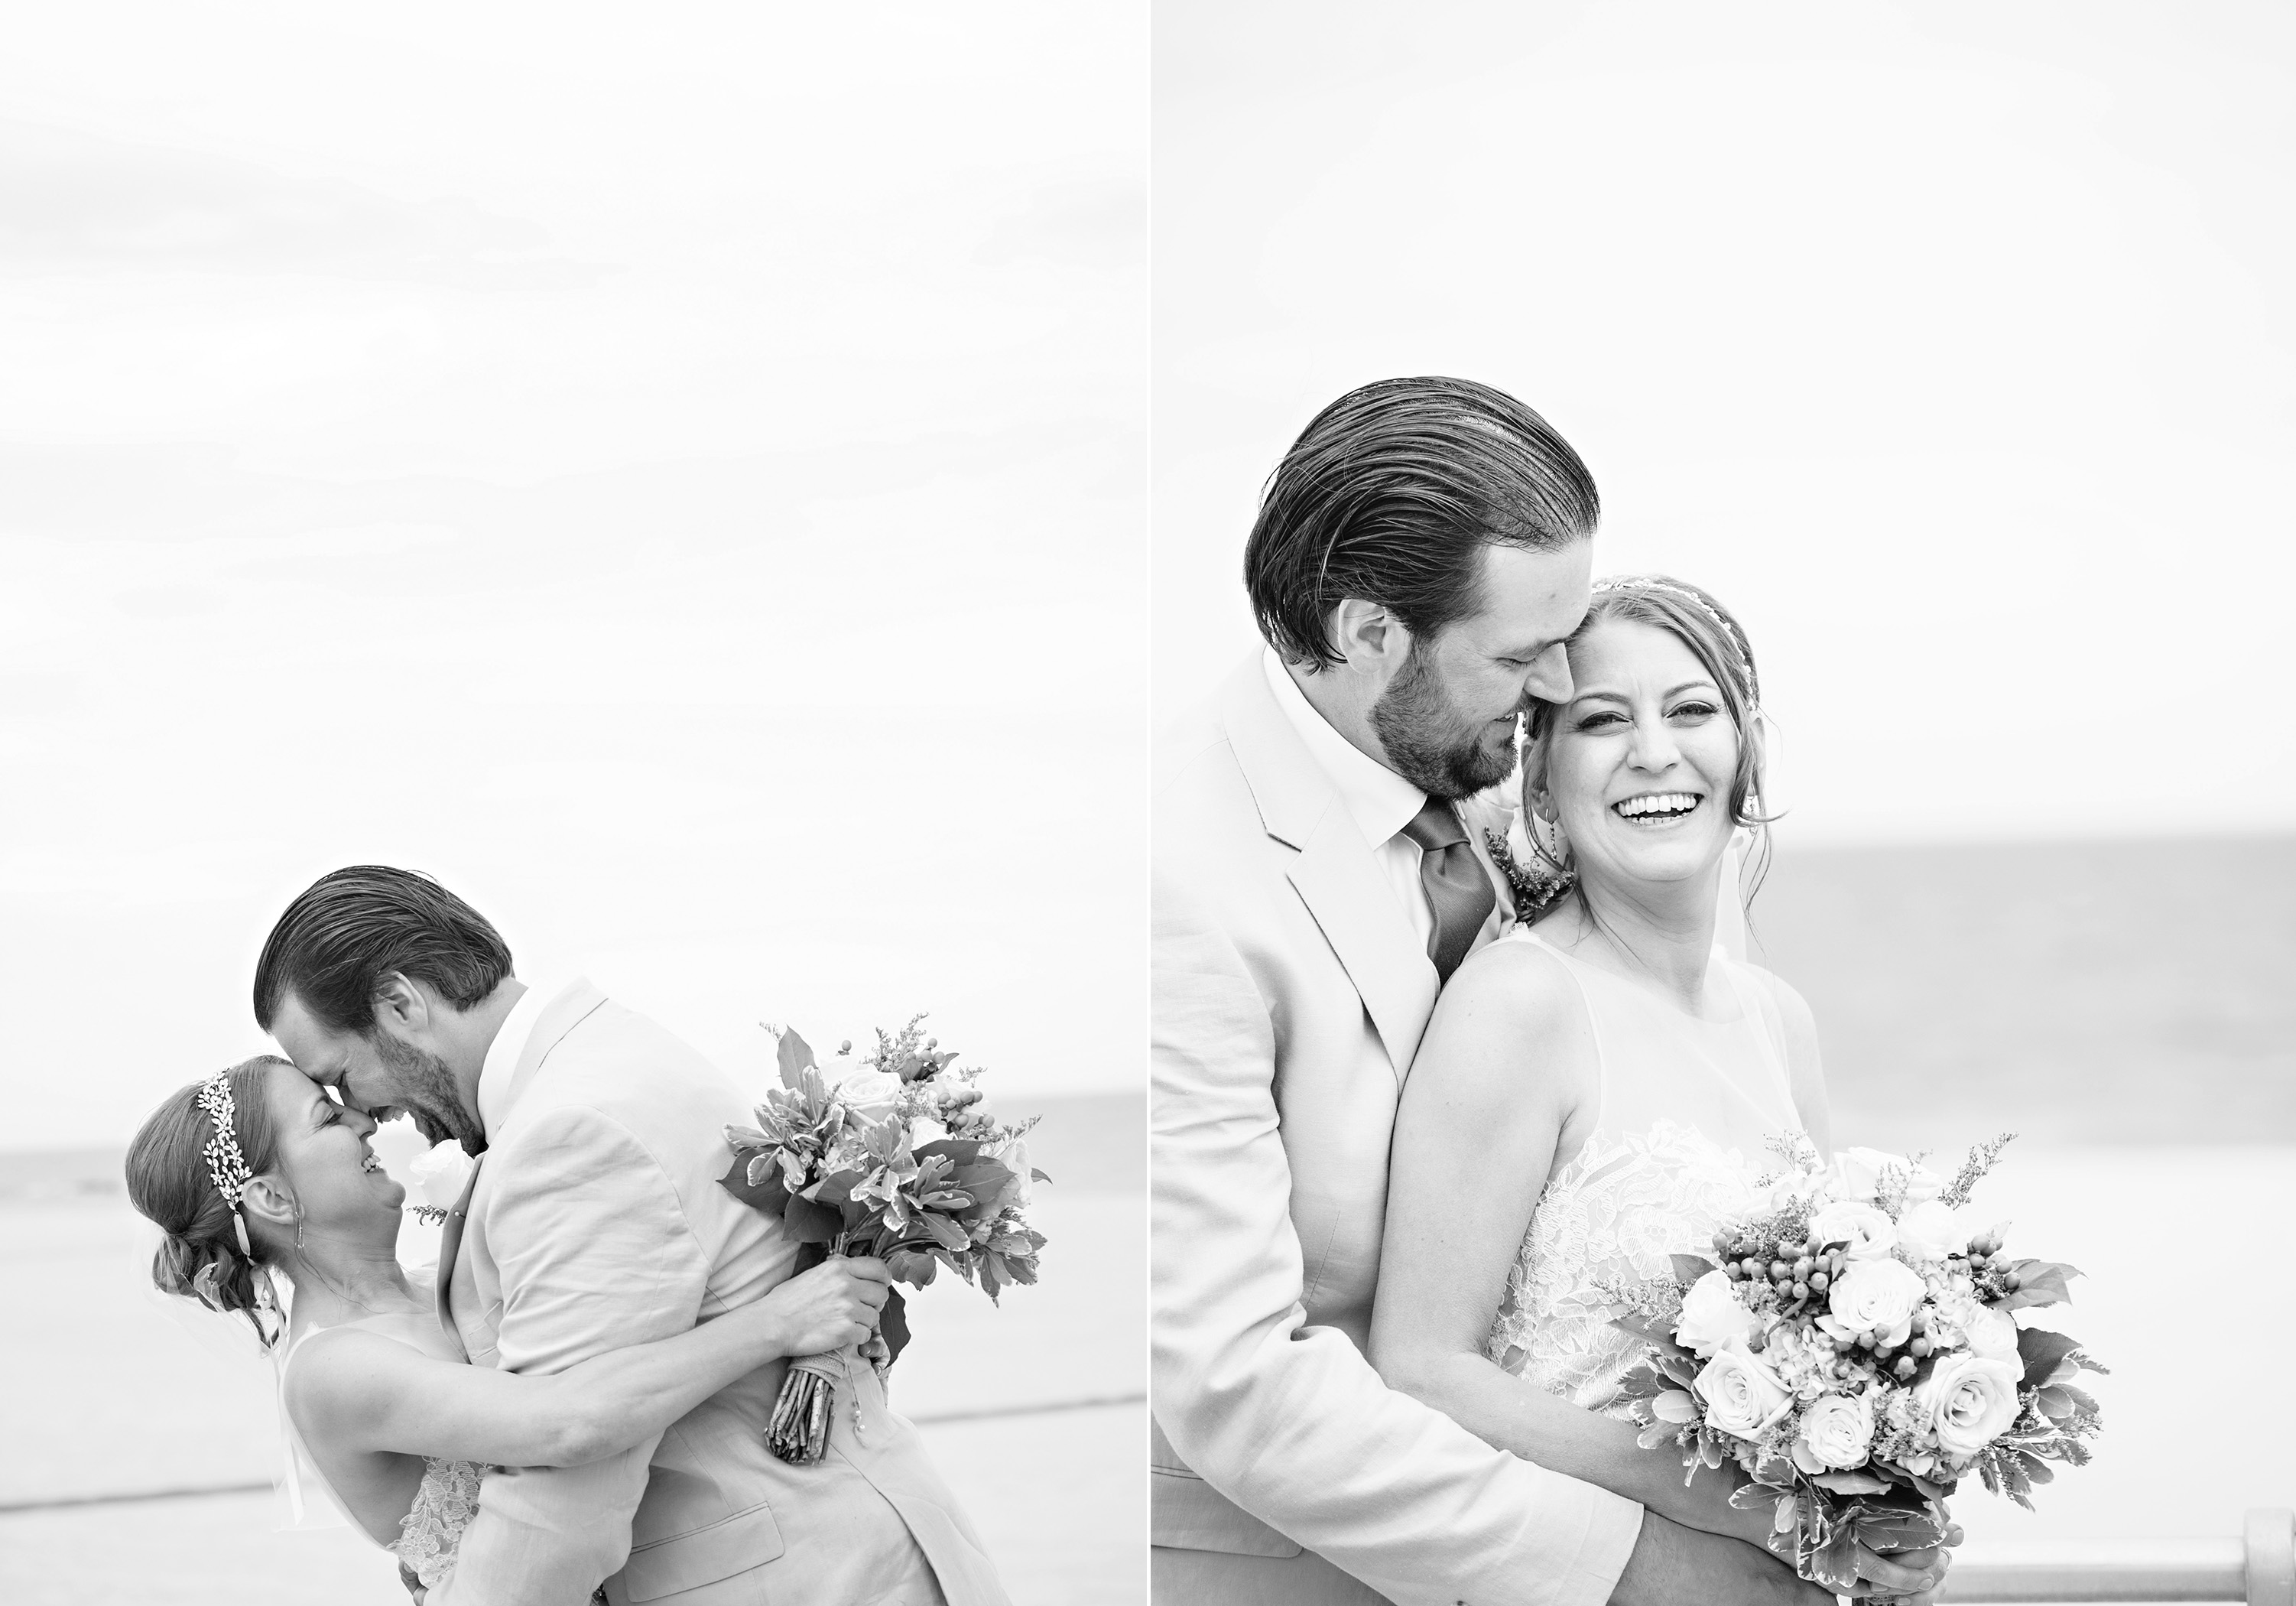 39-Sara Stadtmiller-SRS-Photography-Asbury-Park-Wedding-Photographer-Monmouth-County-Wedding-Photographer-NJ-Wedding-Photographer-Avon-by-the-Sea-Wedding-The-Columns-Wedding